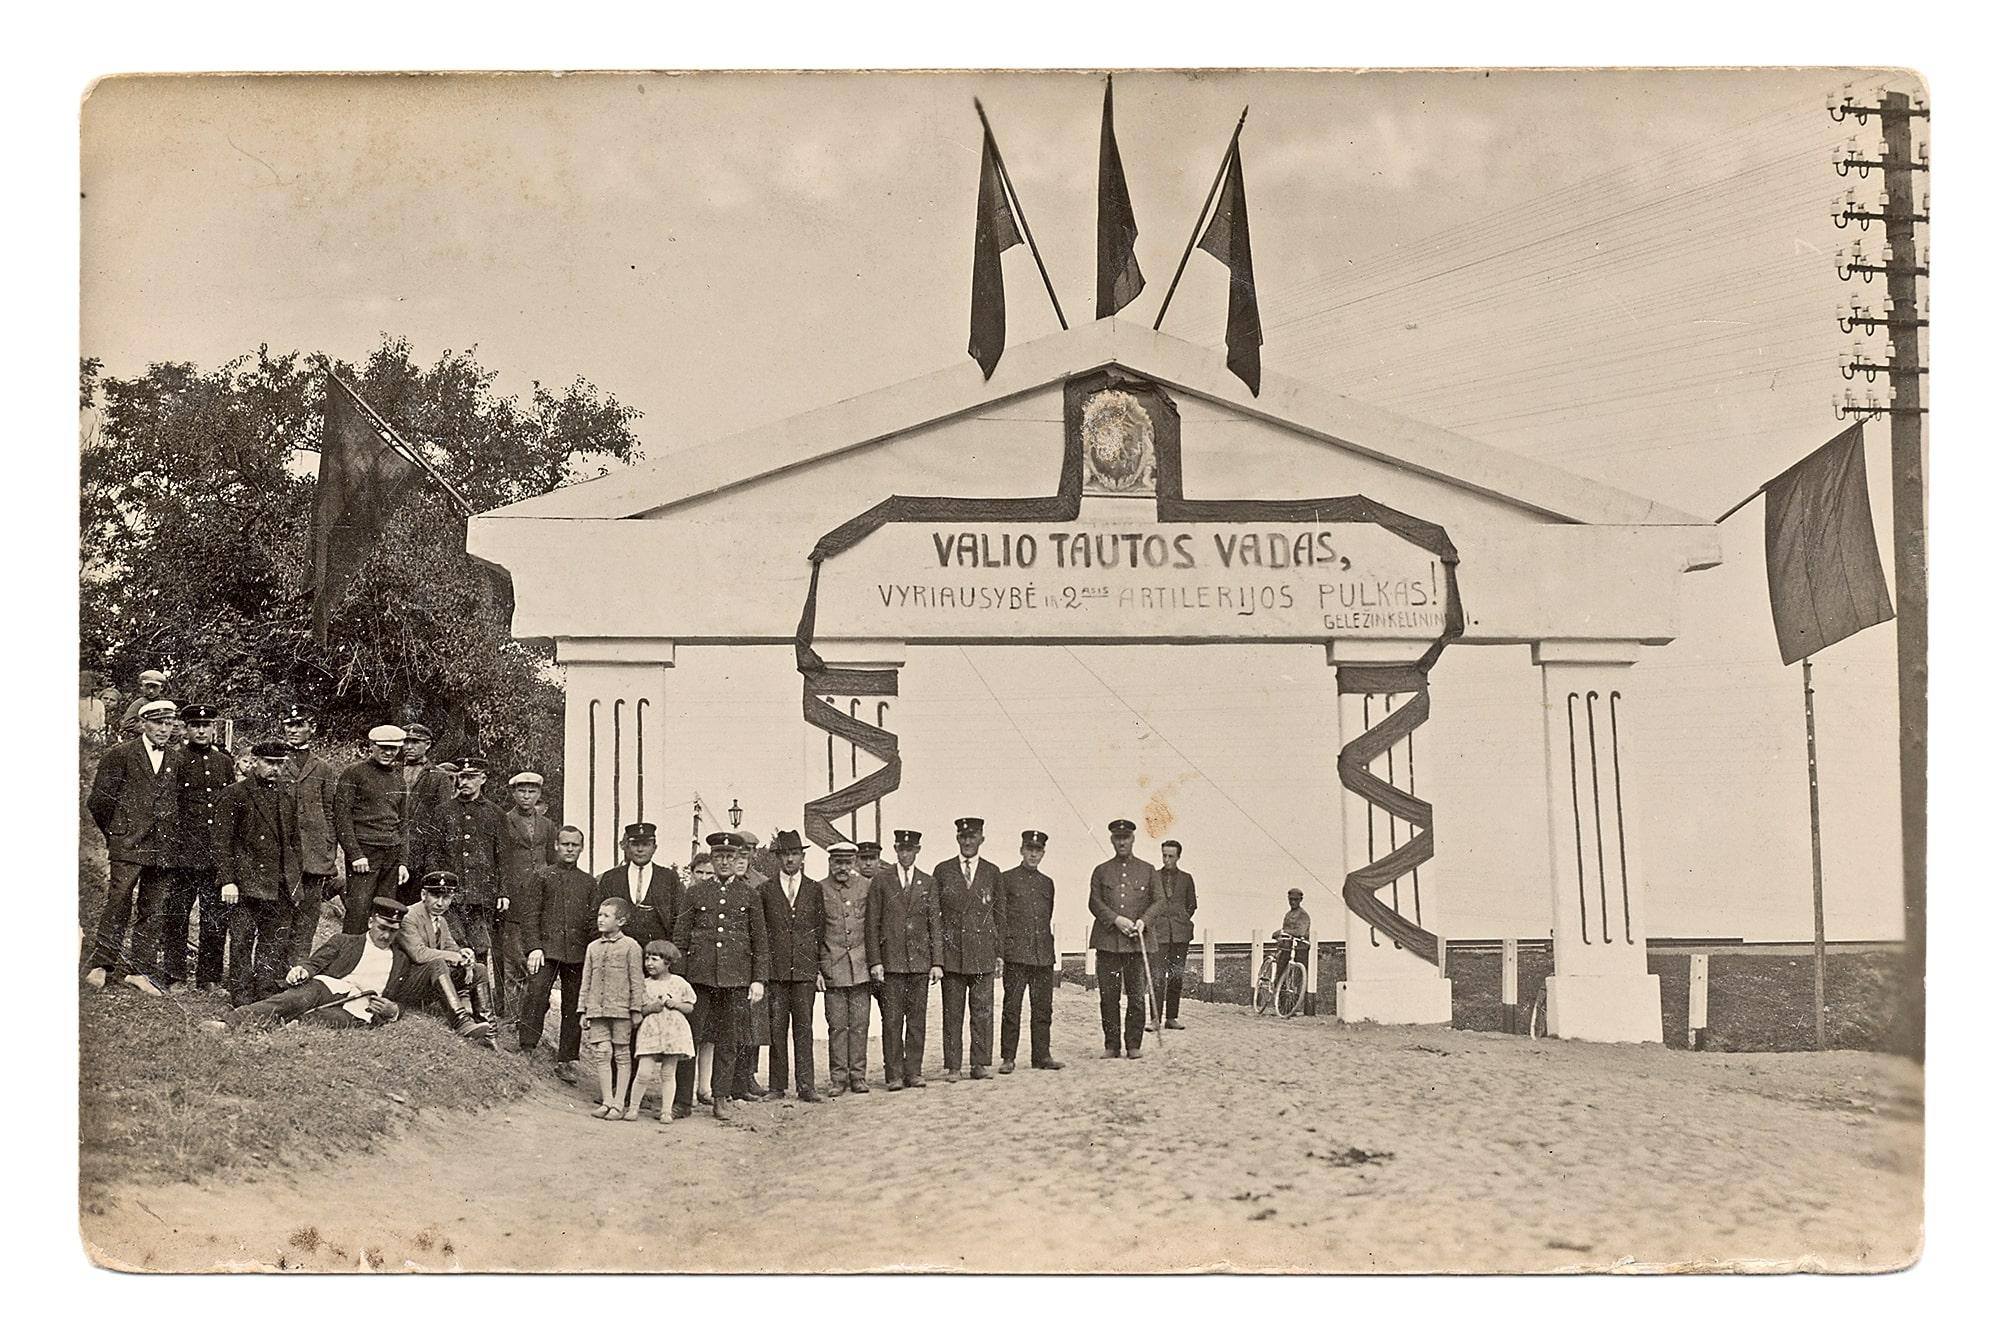 Belaukiant Prezidento Antano Smetonos, atvykstančio į Antrojo artilerijos pulko dešimtmečio iškilmes, 1929 rugsėjo 15 d.